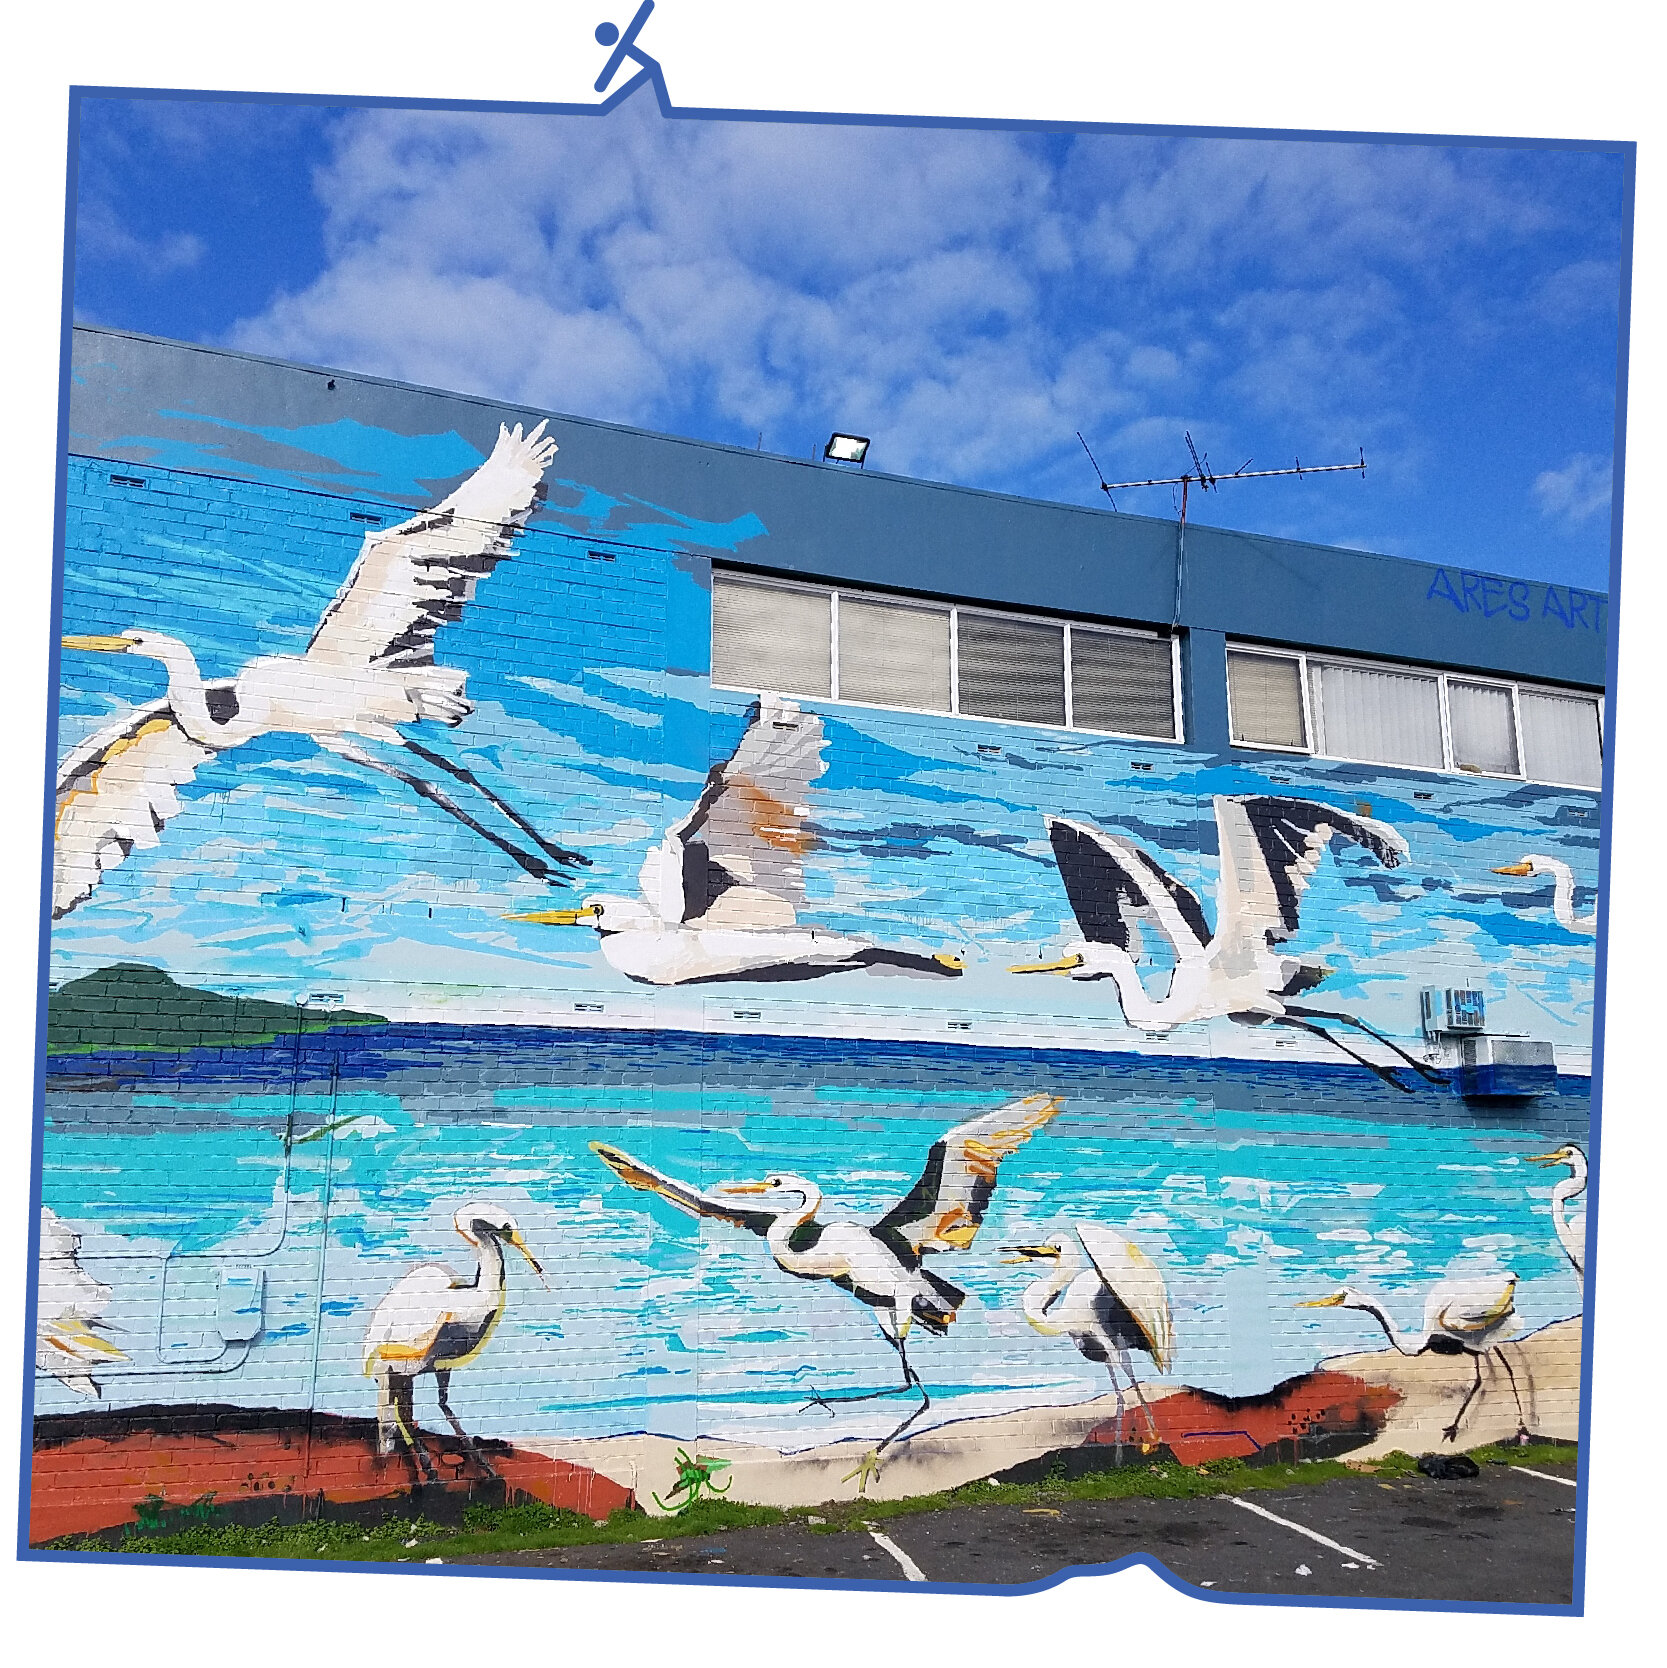 TMPW_CaseStudy__Otahuhu mural.jpg